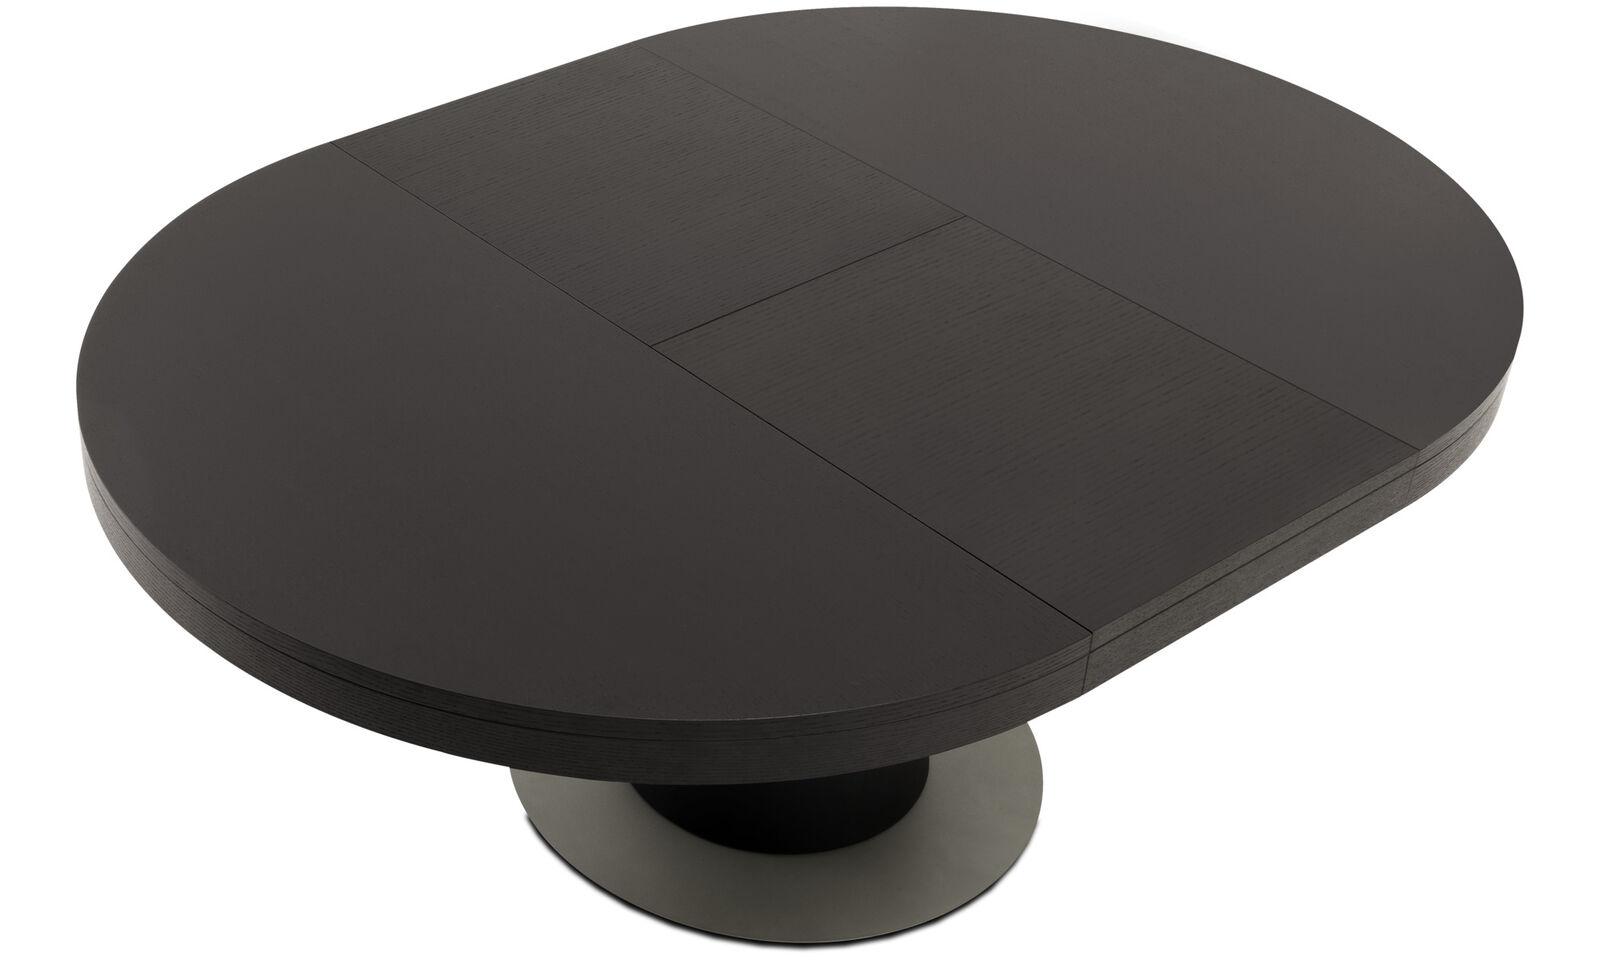 ダイニングテーブル ボーコンセプト 円形 エクステンション